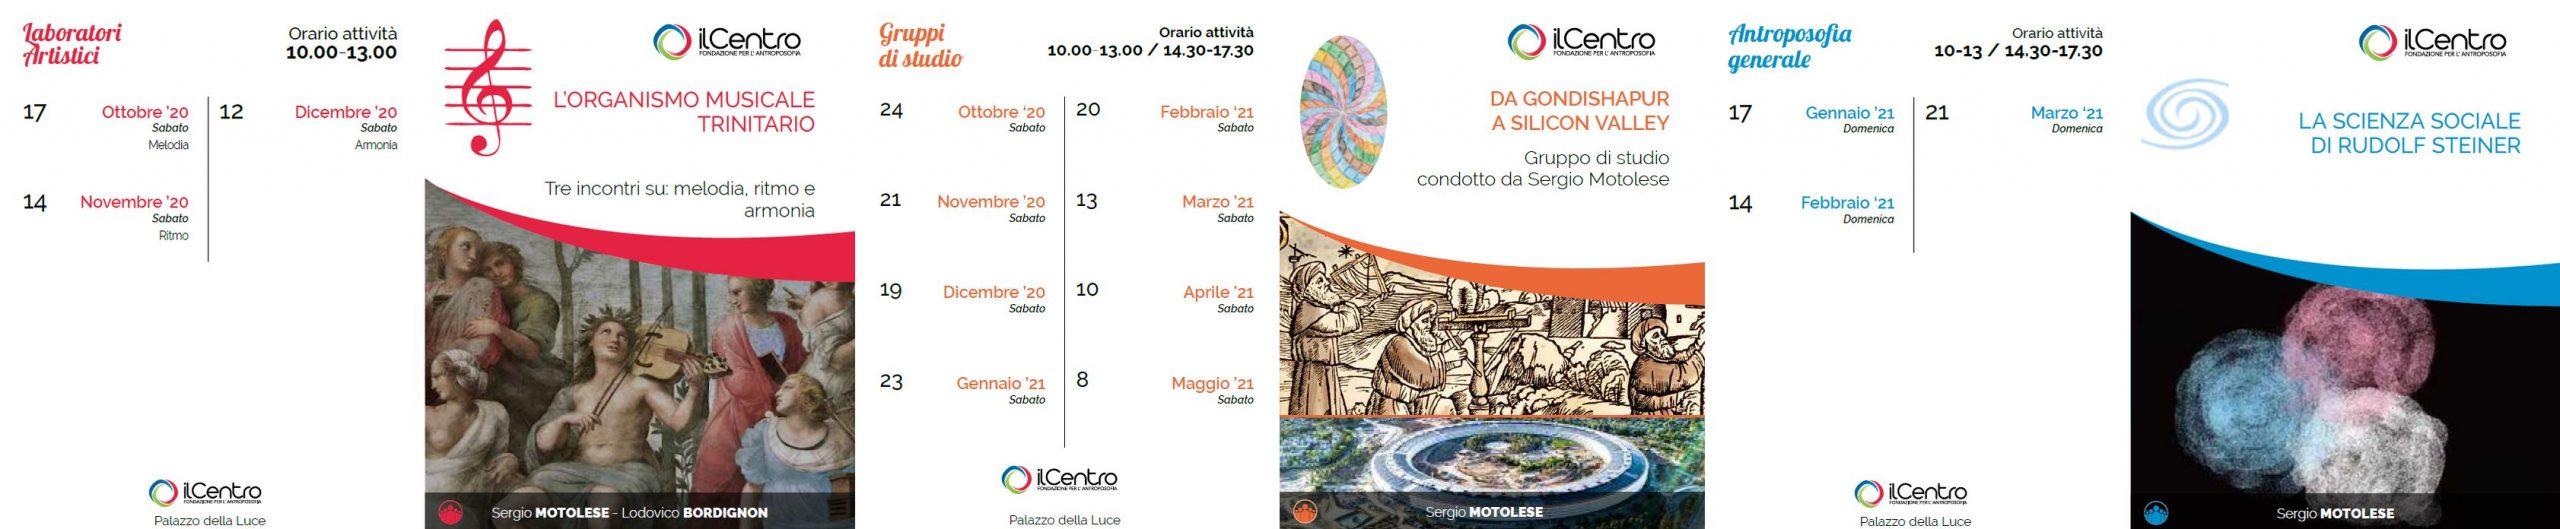 Sergio Motolese calendario attività 2020-21